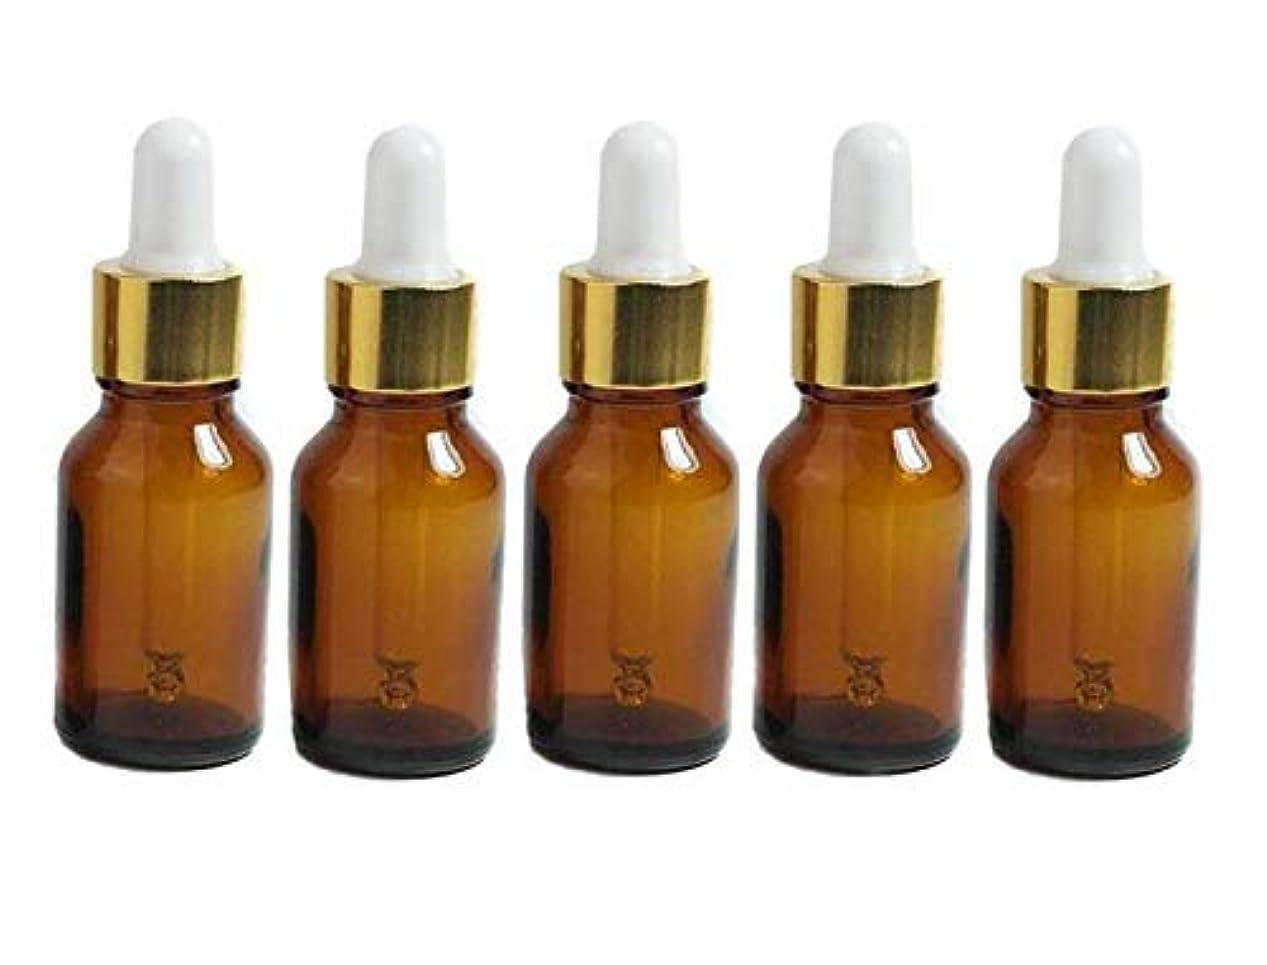 硬化する宇宙飛行士くちばし6PCS 15ml Mini Amber Glass Via With Pipette Dropper Bottles Aromatherapy Essential Oil Refillable Dropper Bottles...